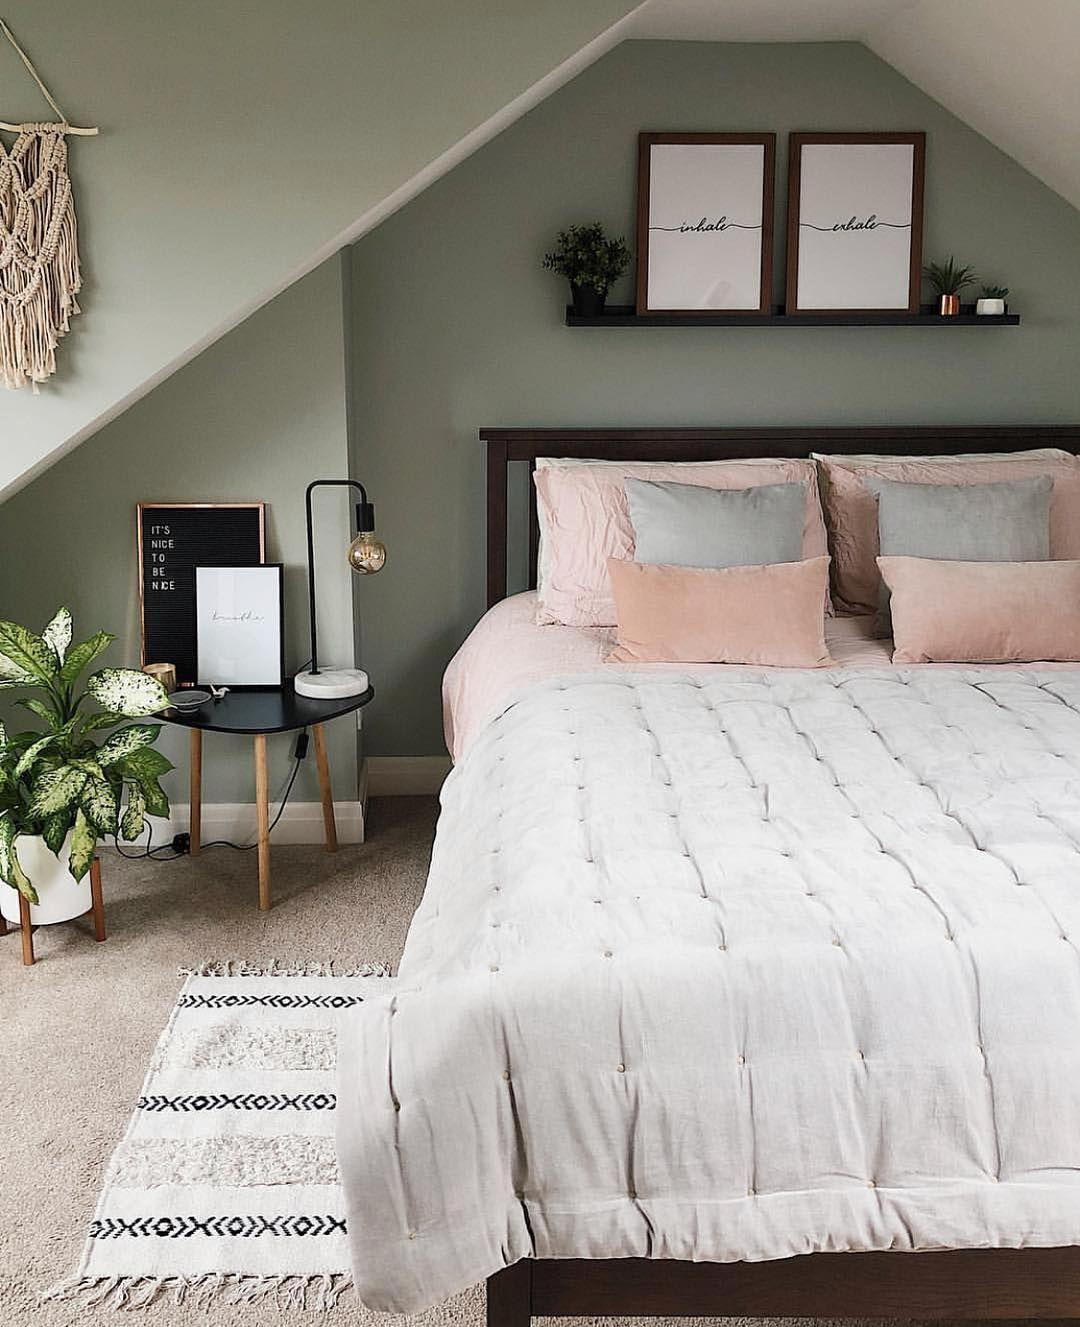 Slaapkamer slaapkamer pinterest slaapkamer for Verfkleuren slaapkamer